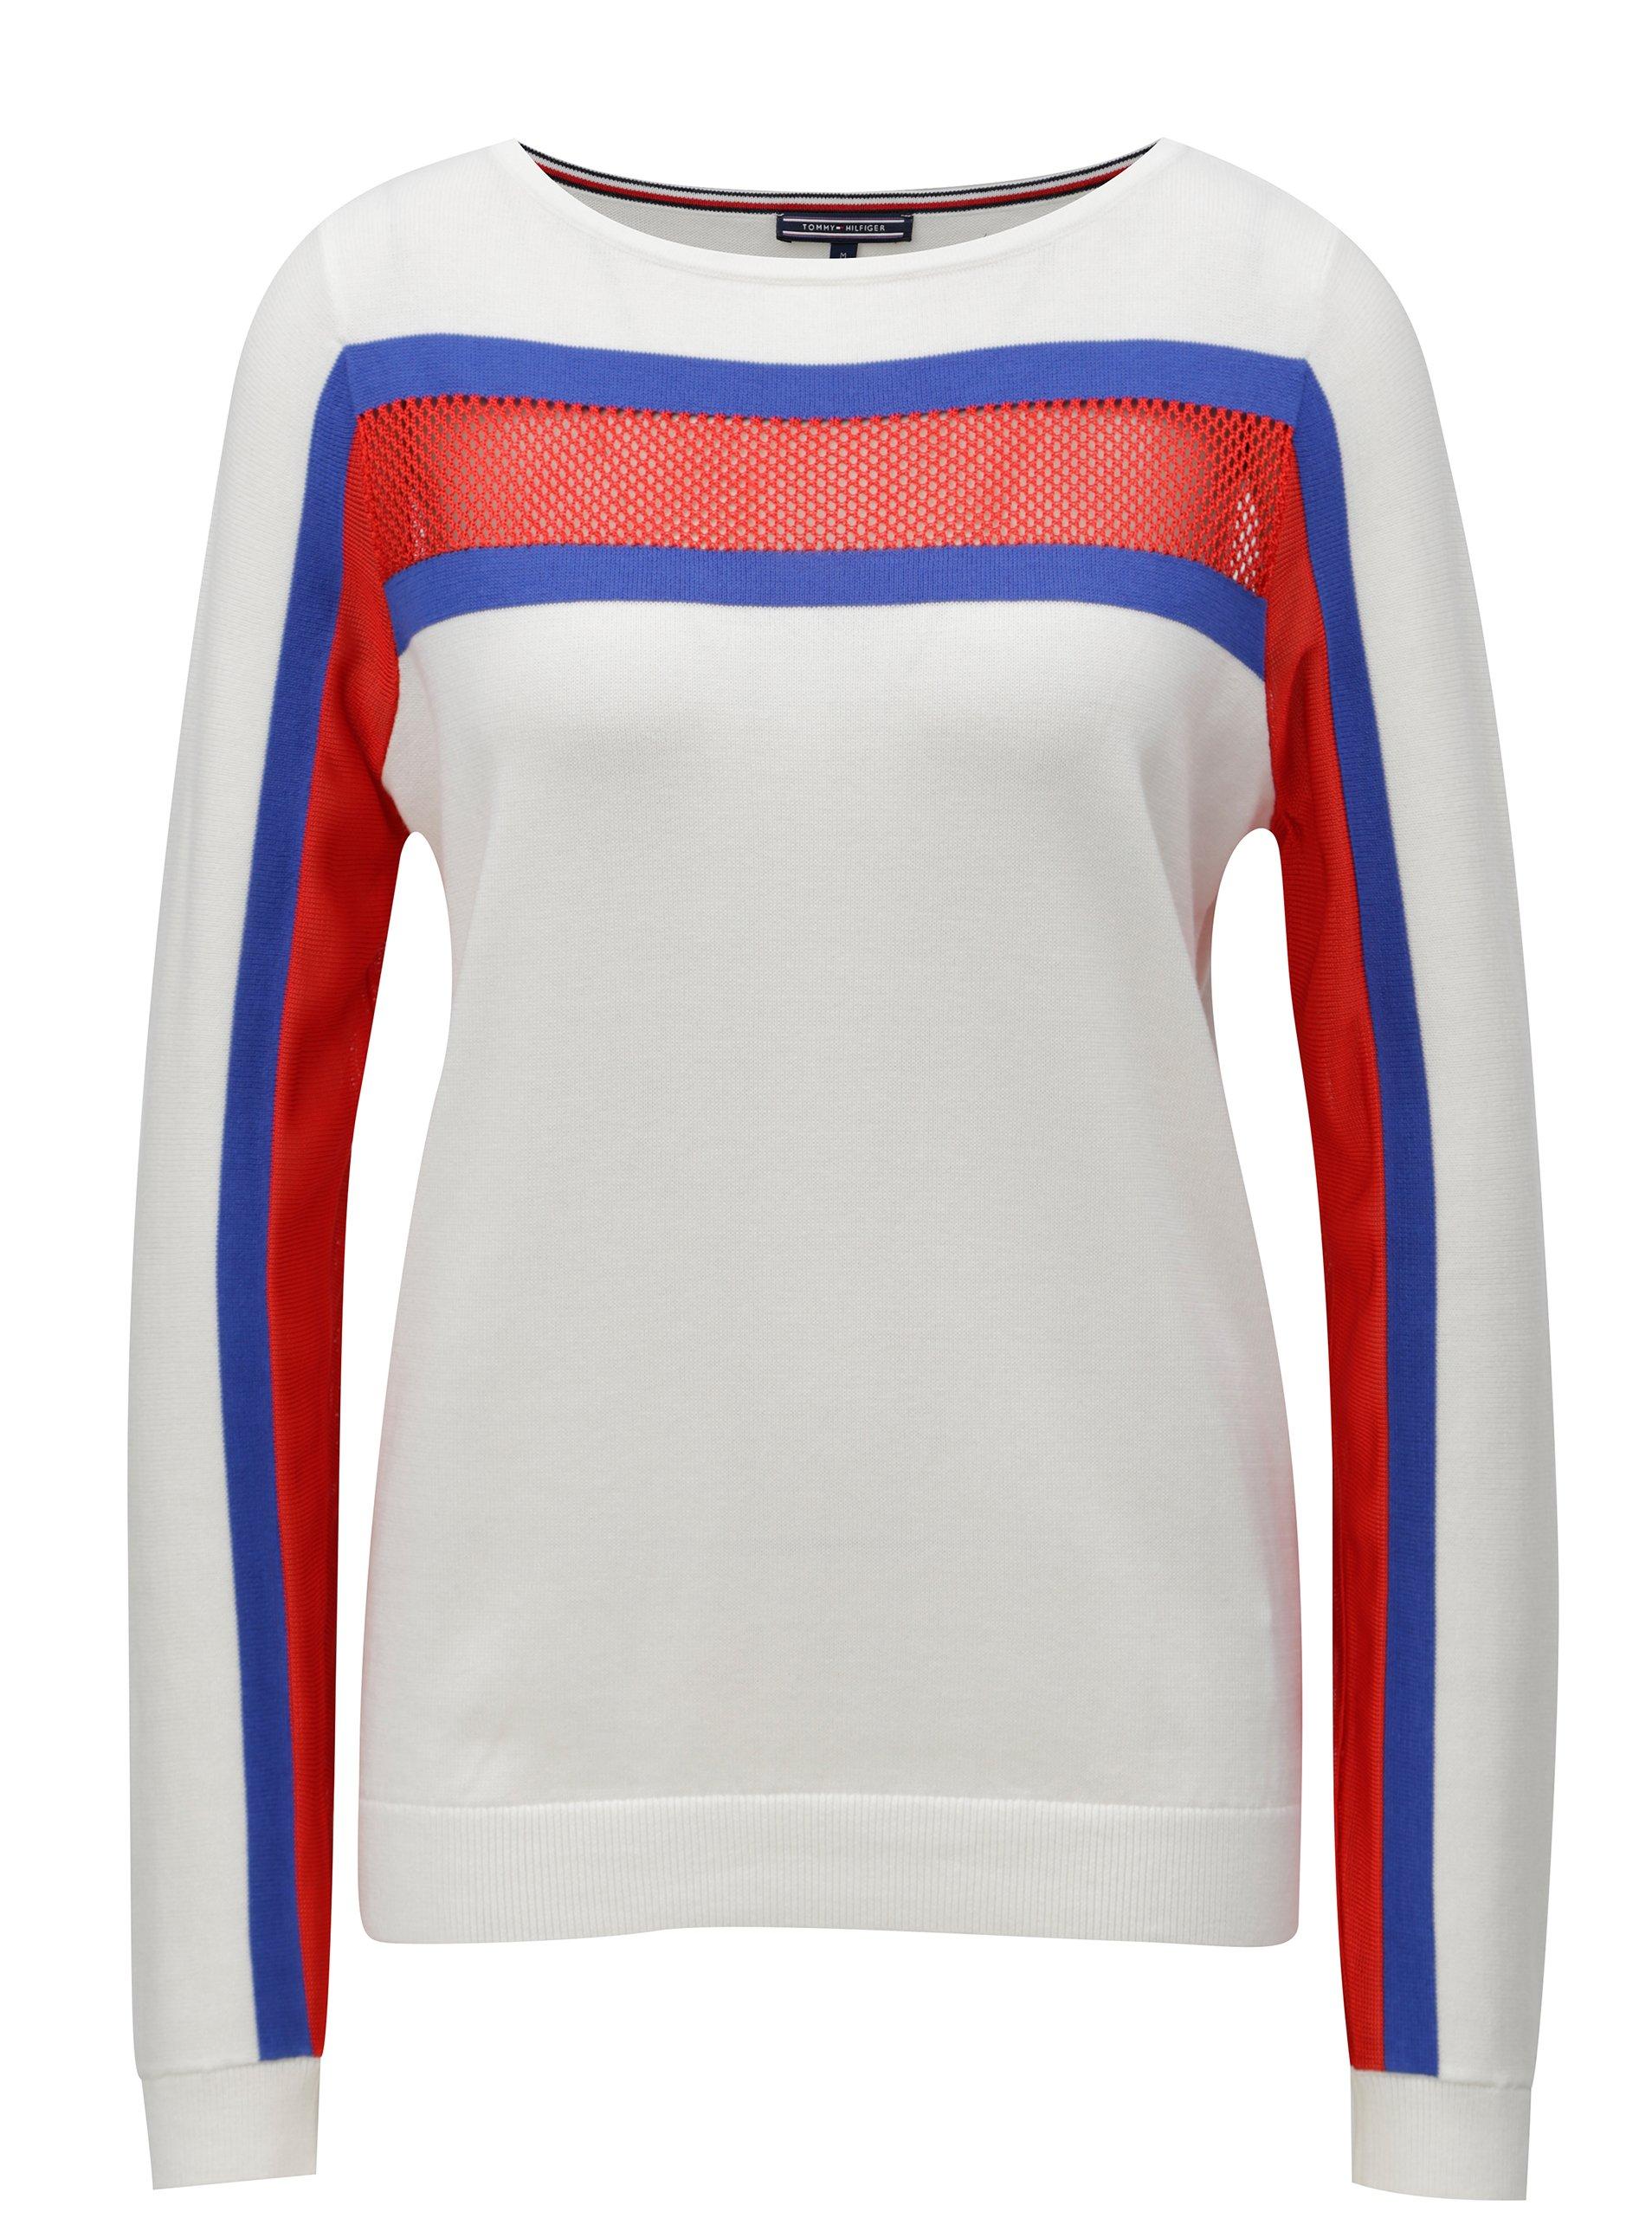 Fotografie Bílé dámské svetrové tričko s dlouhým rukávem Tommy Hilfiger